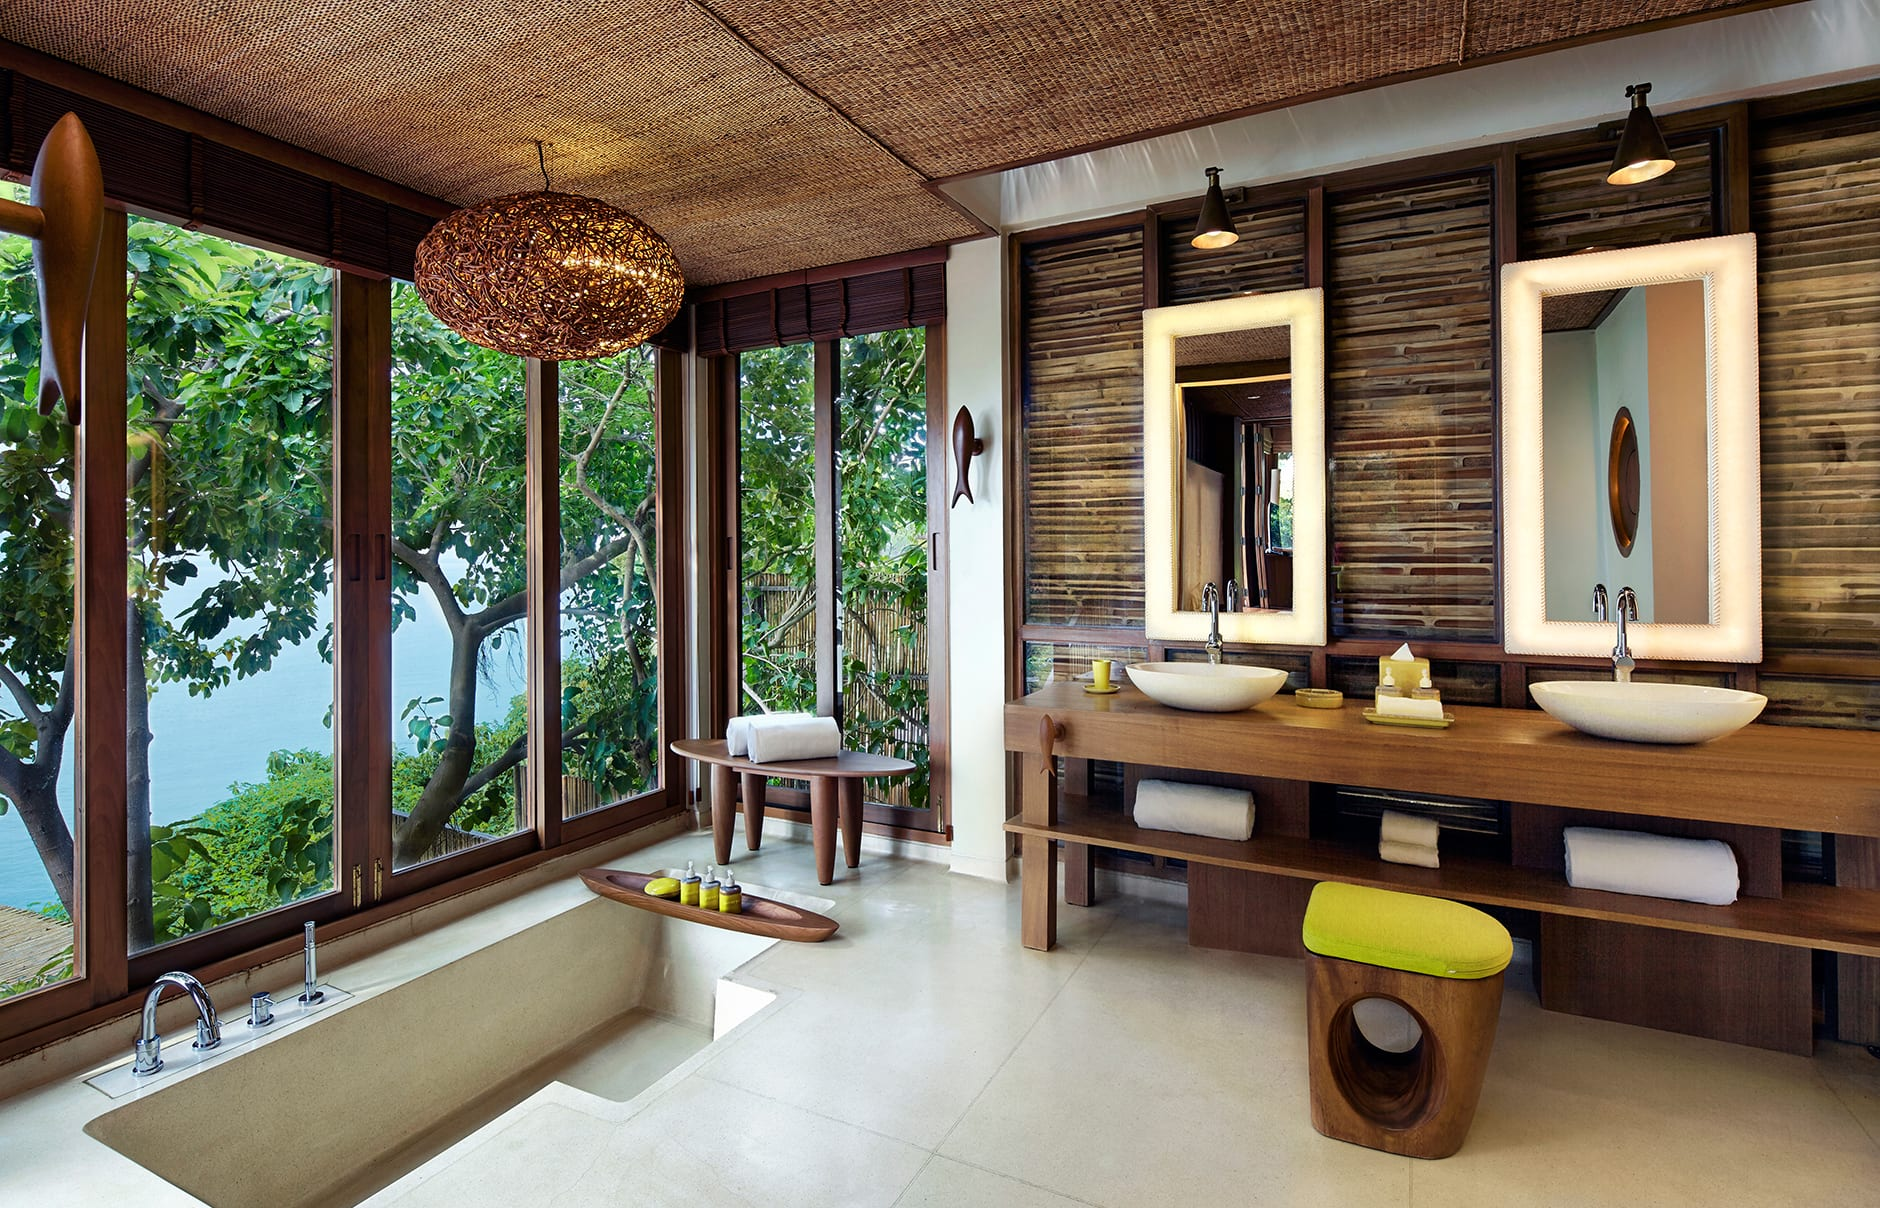 Ocean Front Pool Villa bathroom. Six Senses Samui, Thailand. © Six Senses Resorts & Spas